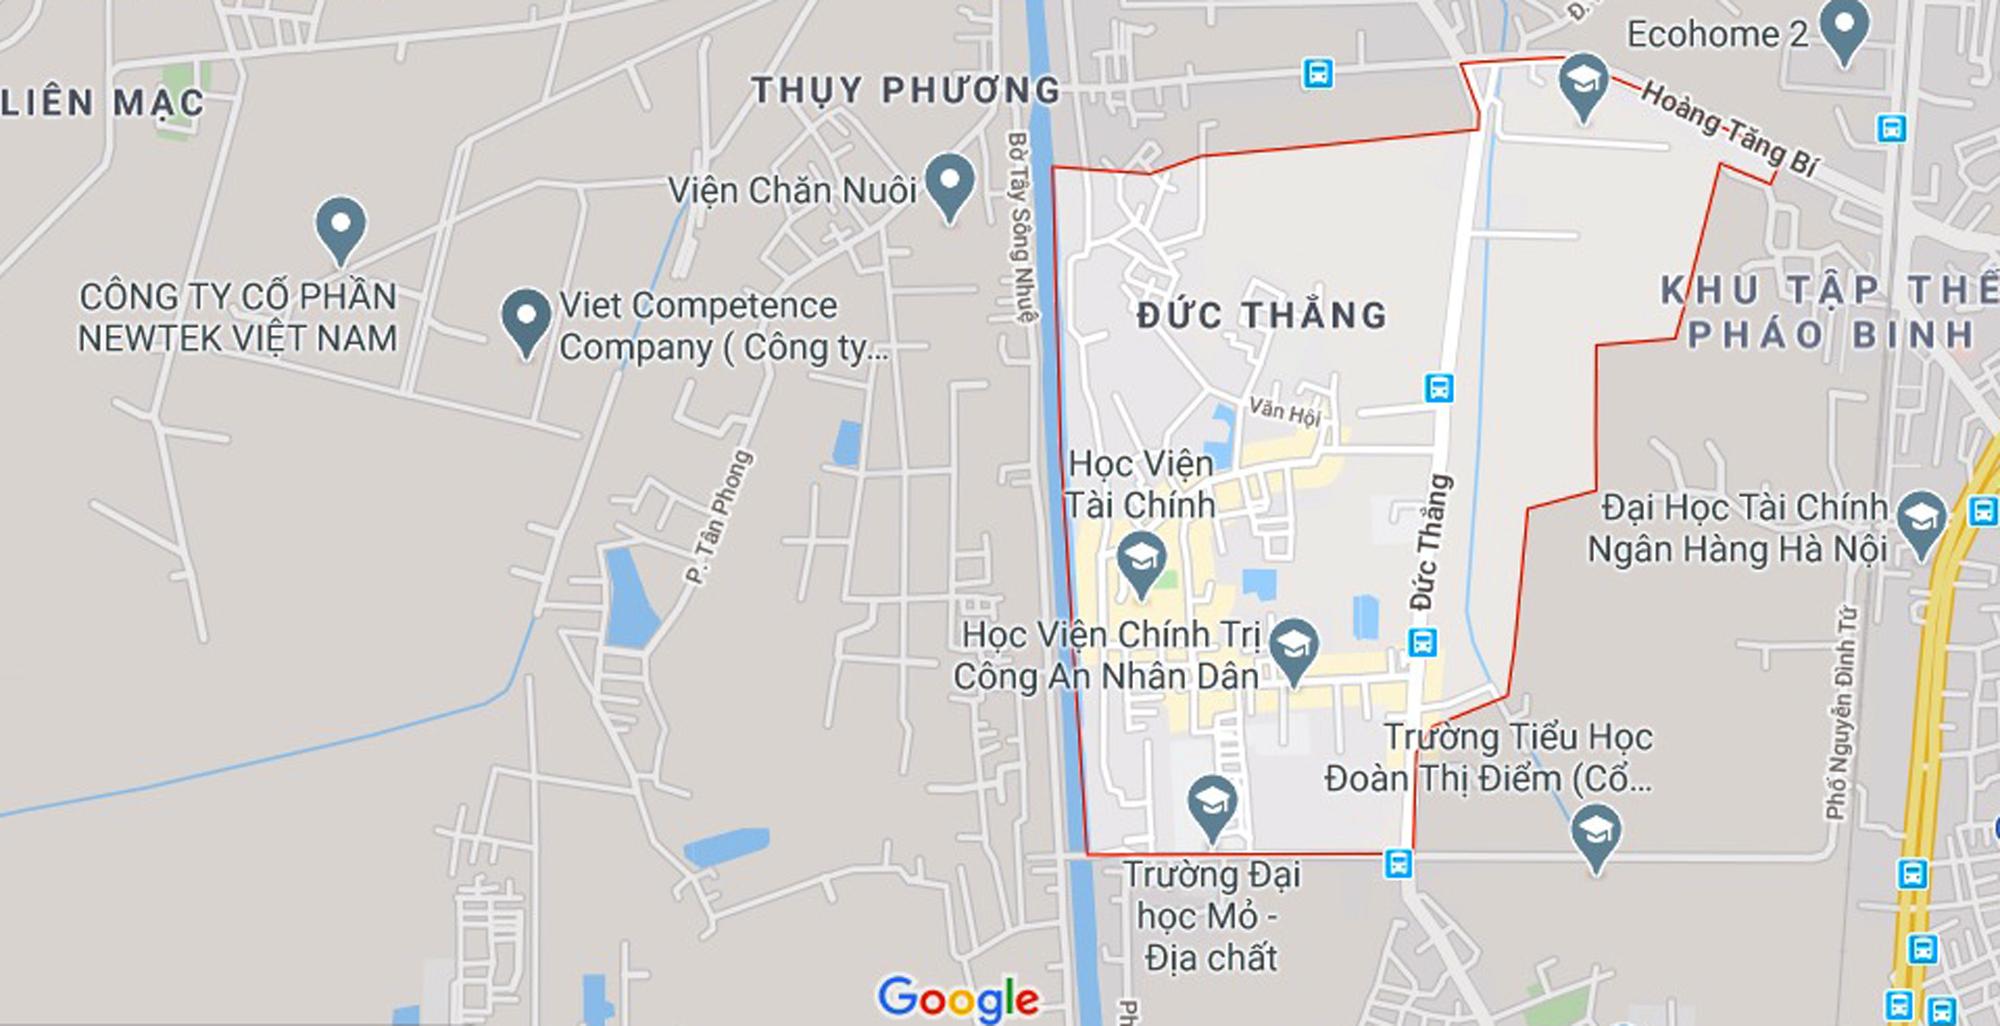 đường sẽ mở theo qui hoạch ở phường Đức Thắng, Bắc Từ Liêm, Hà Nội - Ảnh 1.